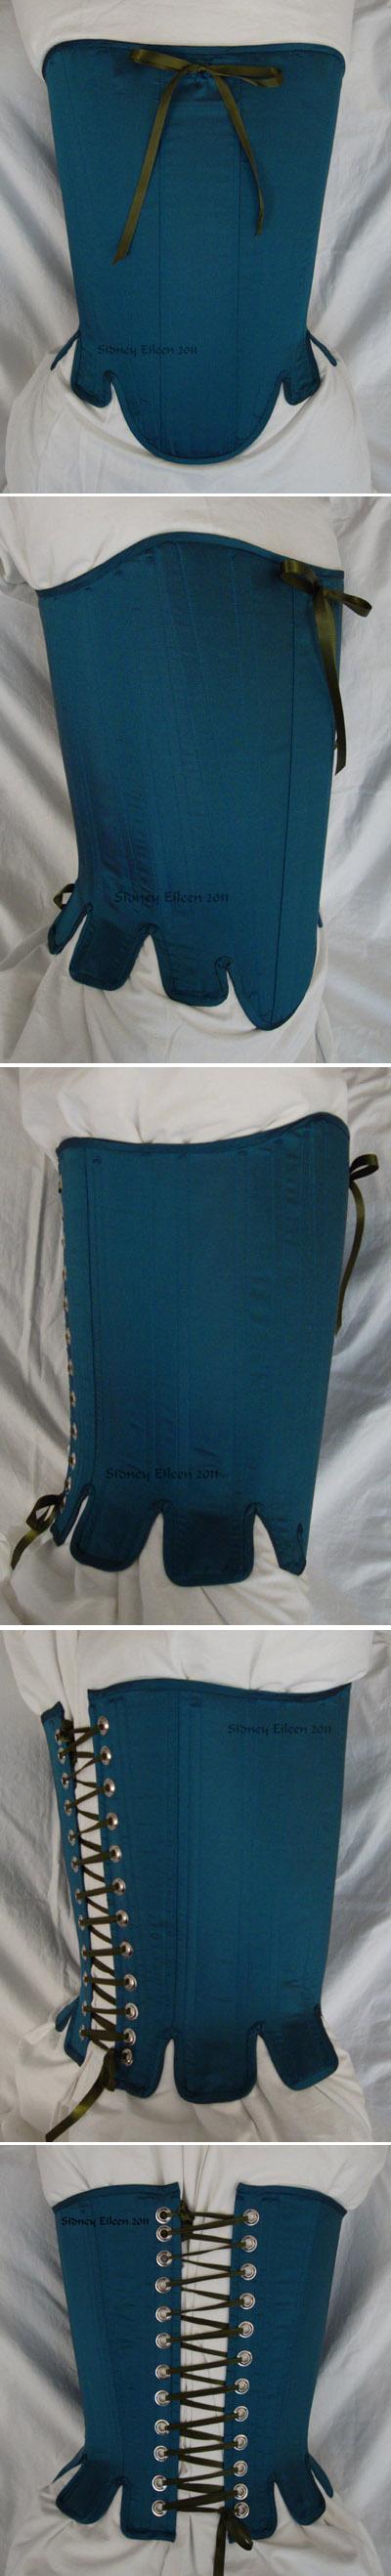 Blue Taffeta Silk Stays with Busk Pocket - All Views, by Sidney Eileen